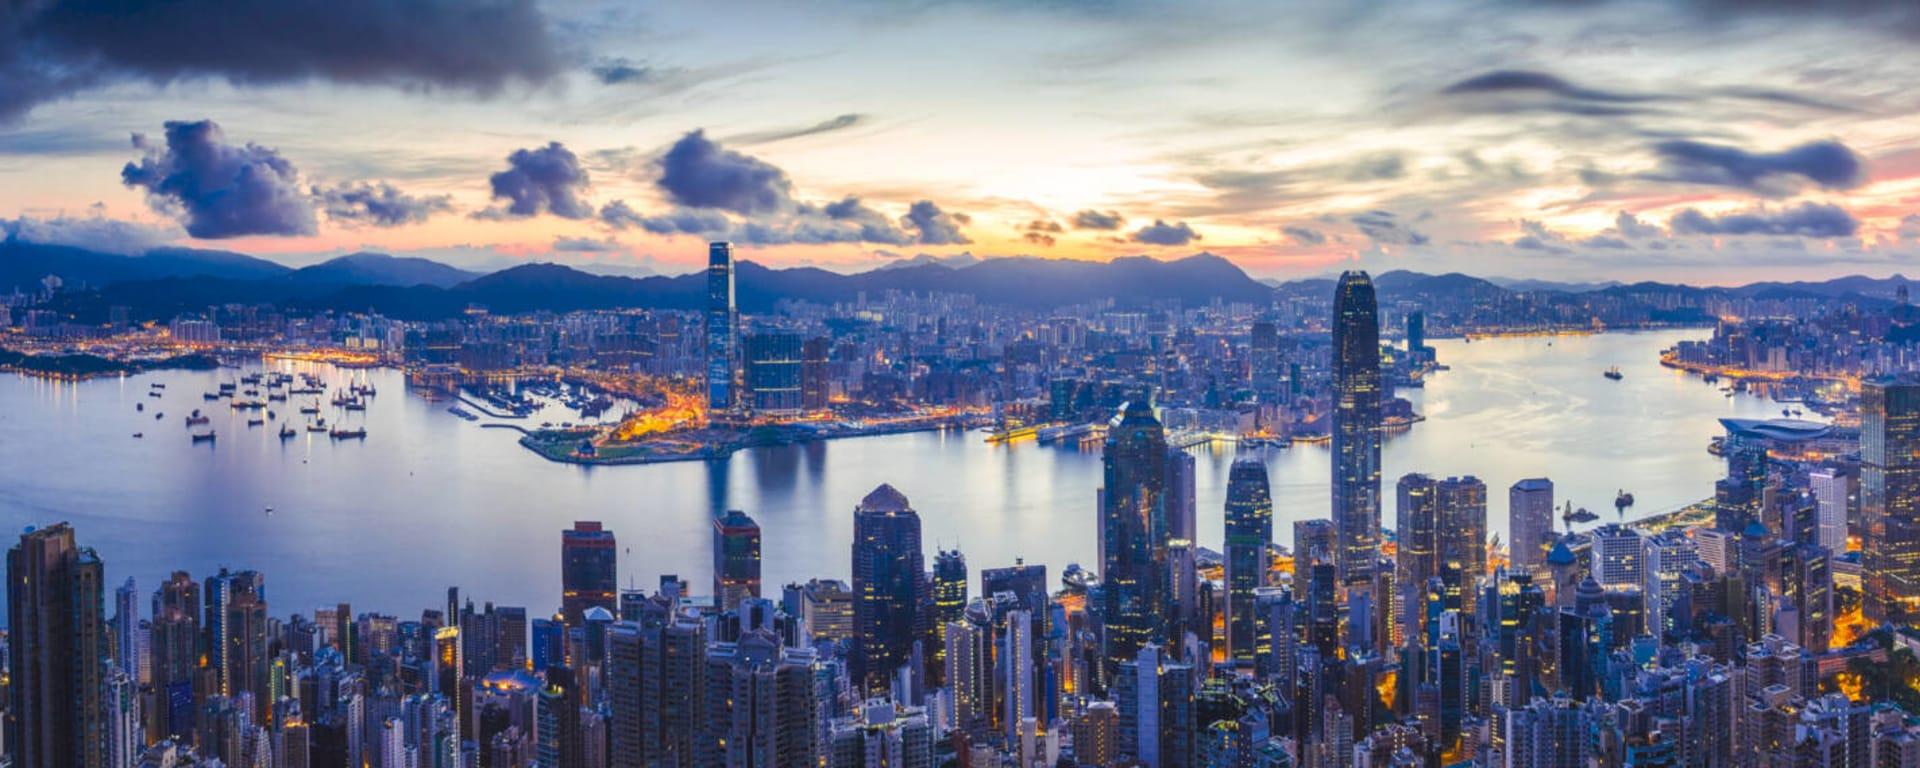 Hong Kong entdecken mit Tischler Reisen: Hong Kong Panorama